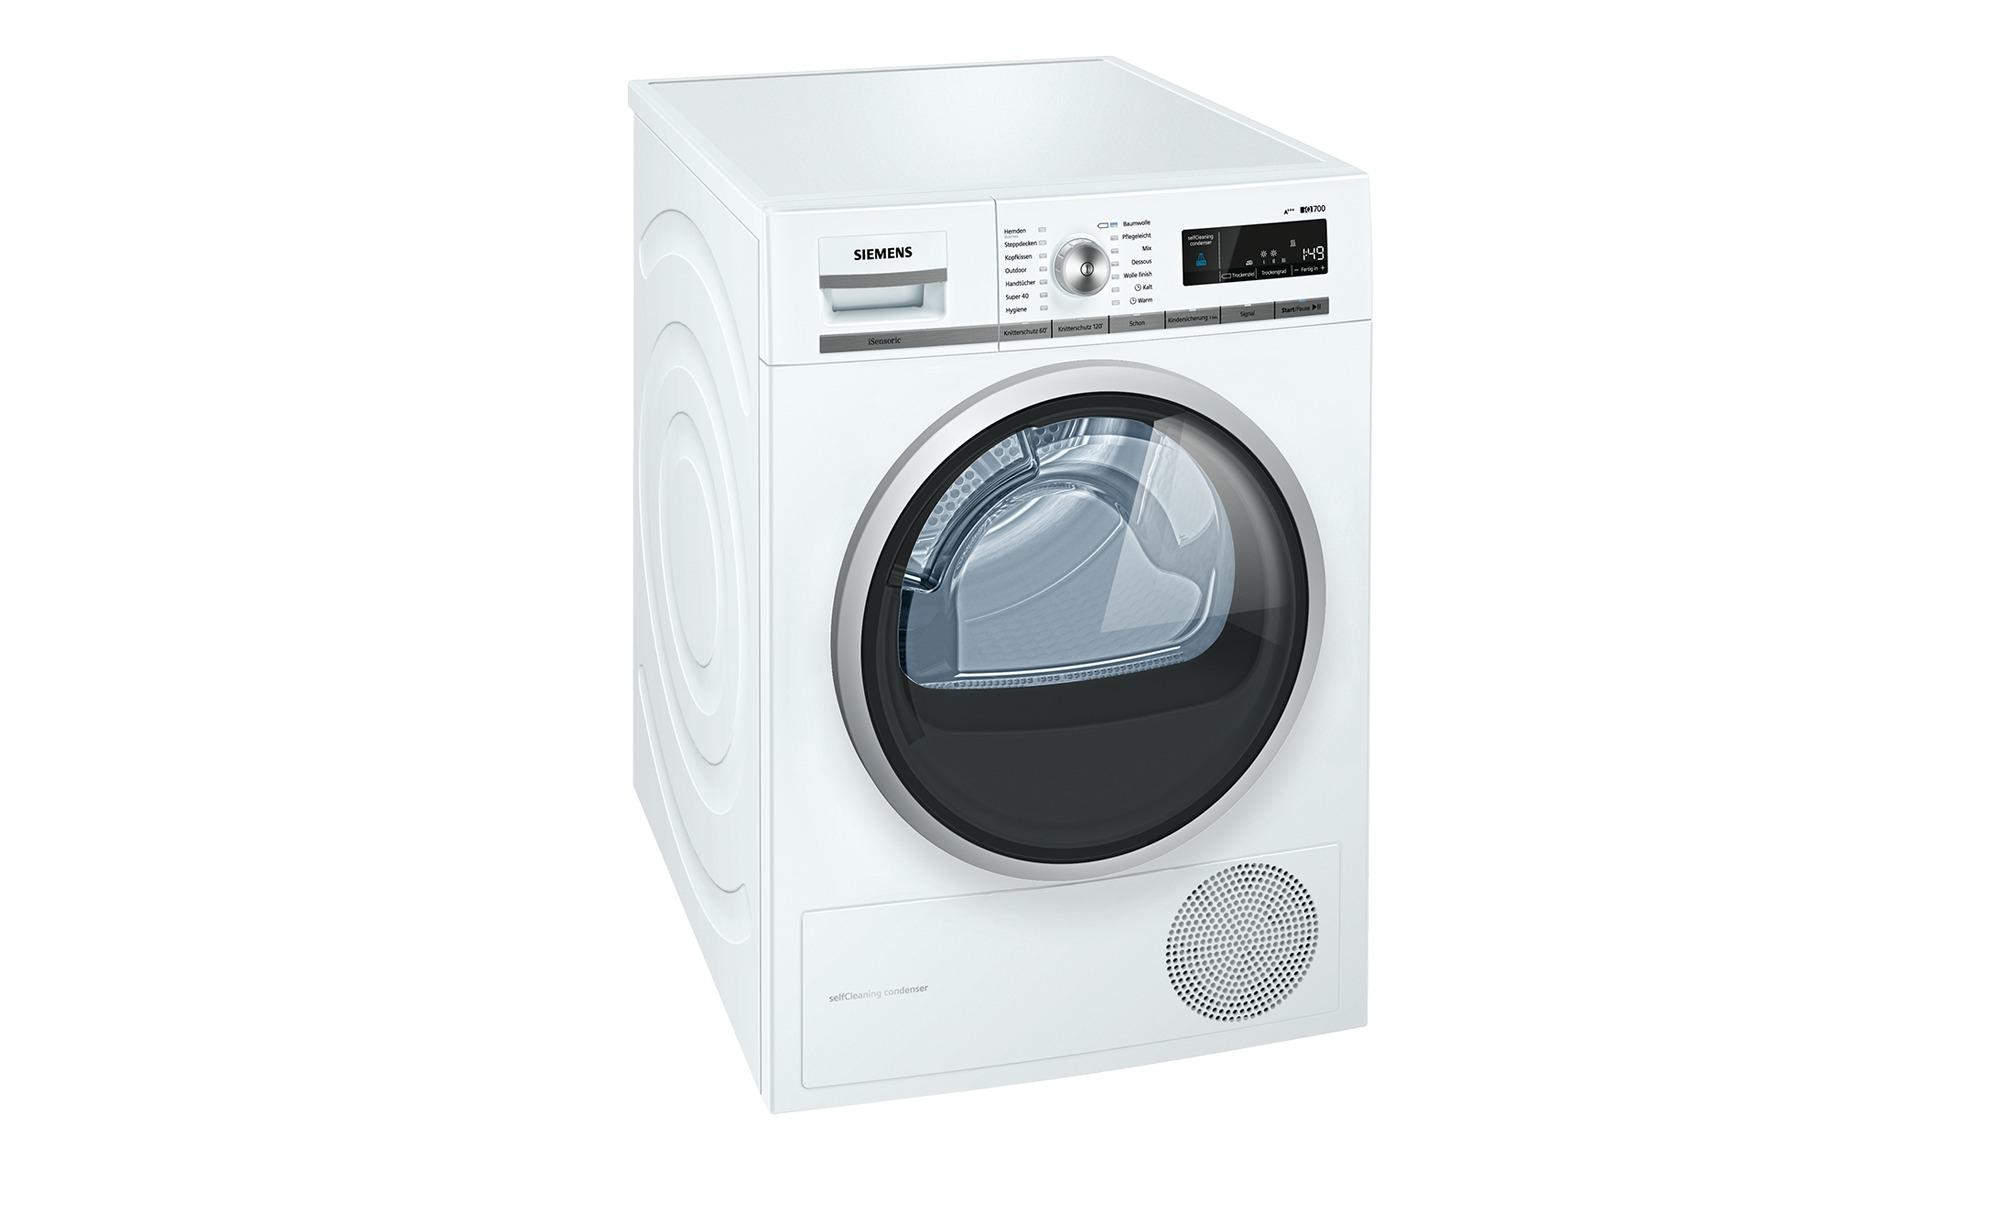 SIEMENS Wärmepumpentrockner  WT 47 W 5W0 - weiß - Metall-lackiert, Kunststoff, Glas - 59,8 cm - 84,2 cm - 65,2 cm - Elektrogeräte > Trockner - Möbel Kraft | Bad > Waschmaschinen und Trockner > Wärmepumpentrockner | SIEMENS